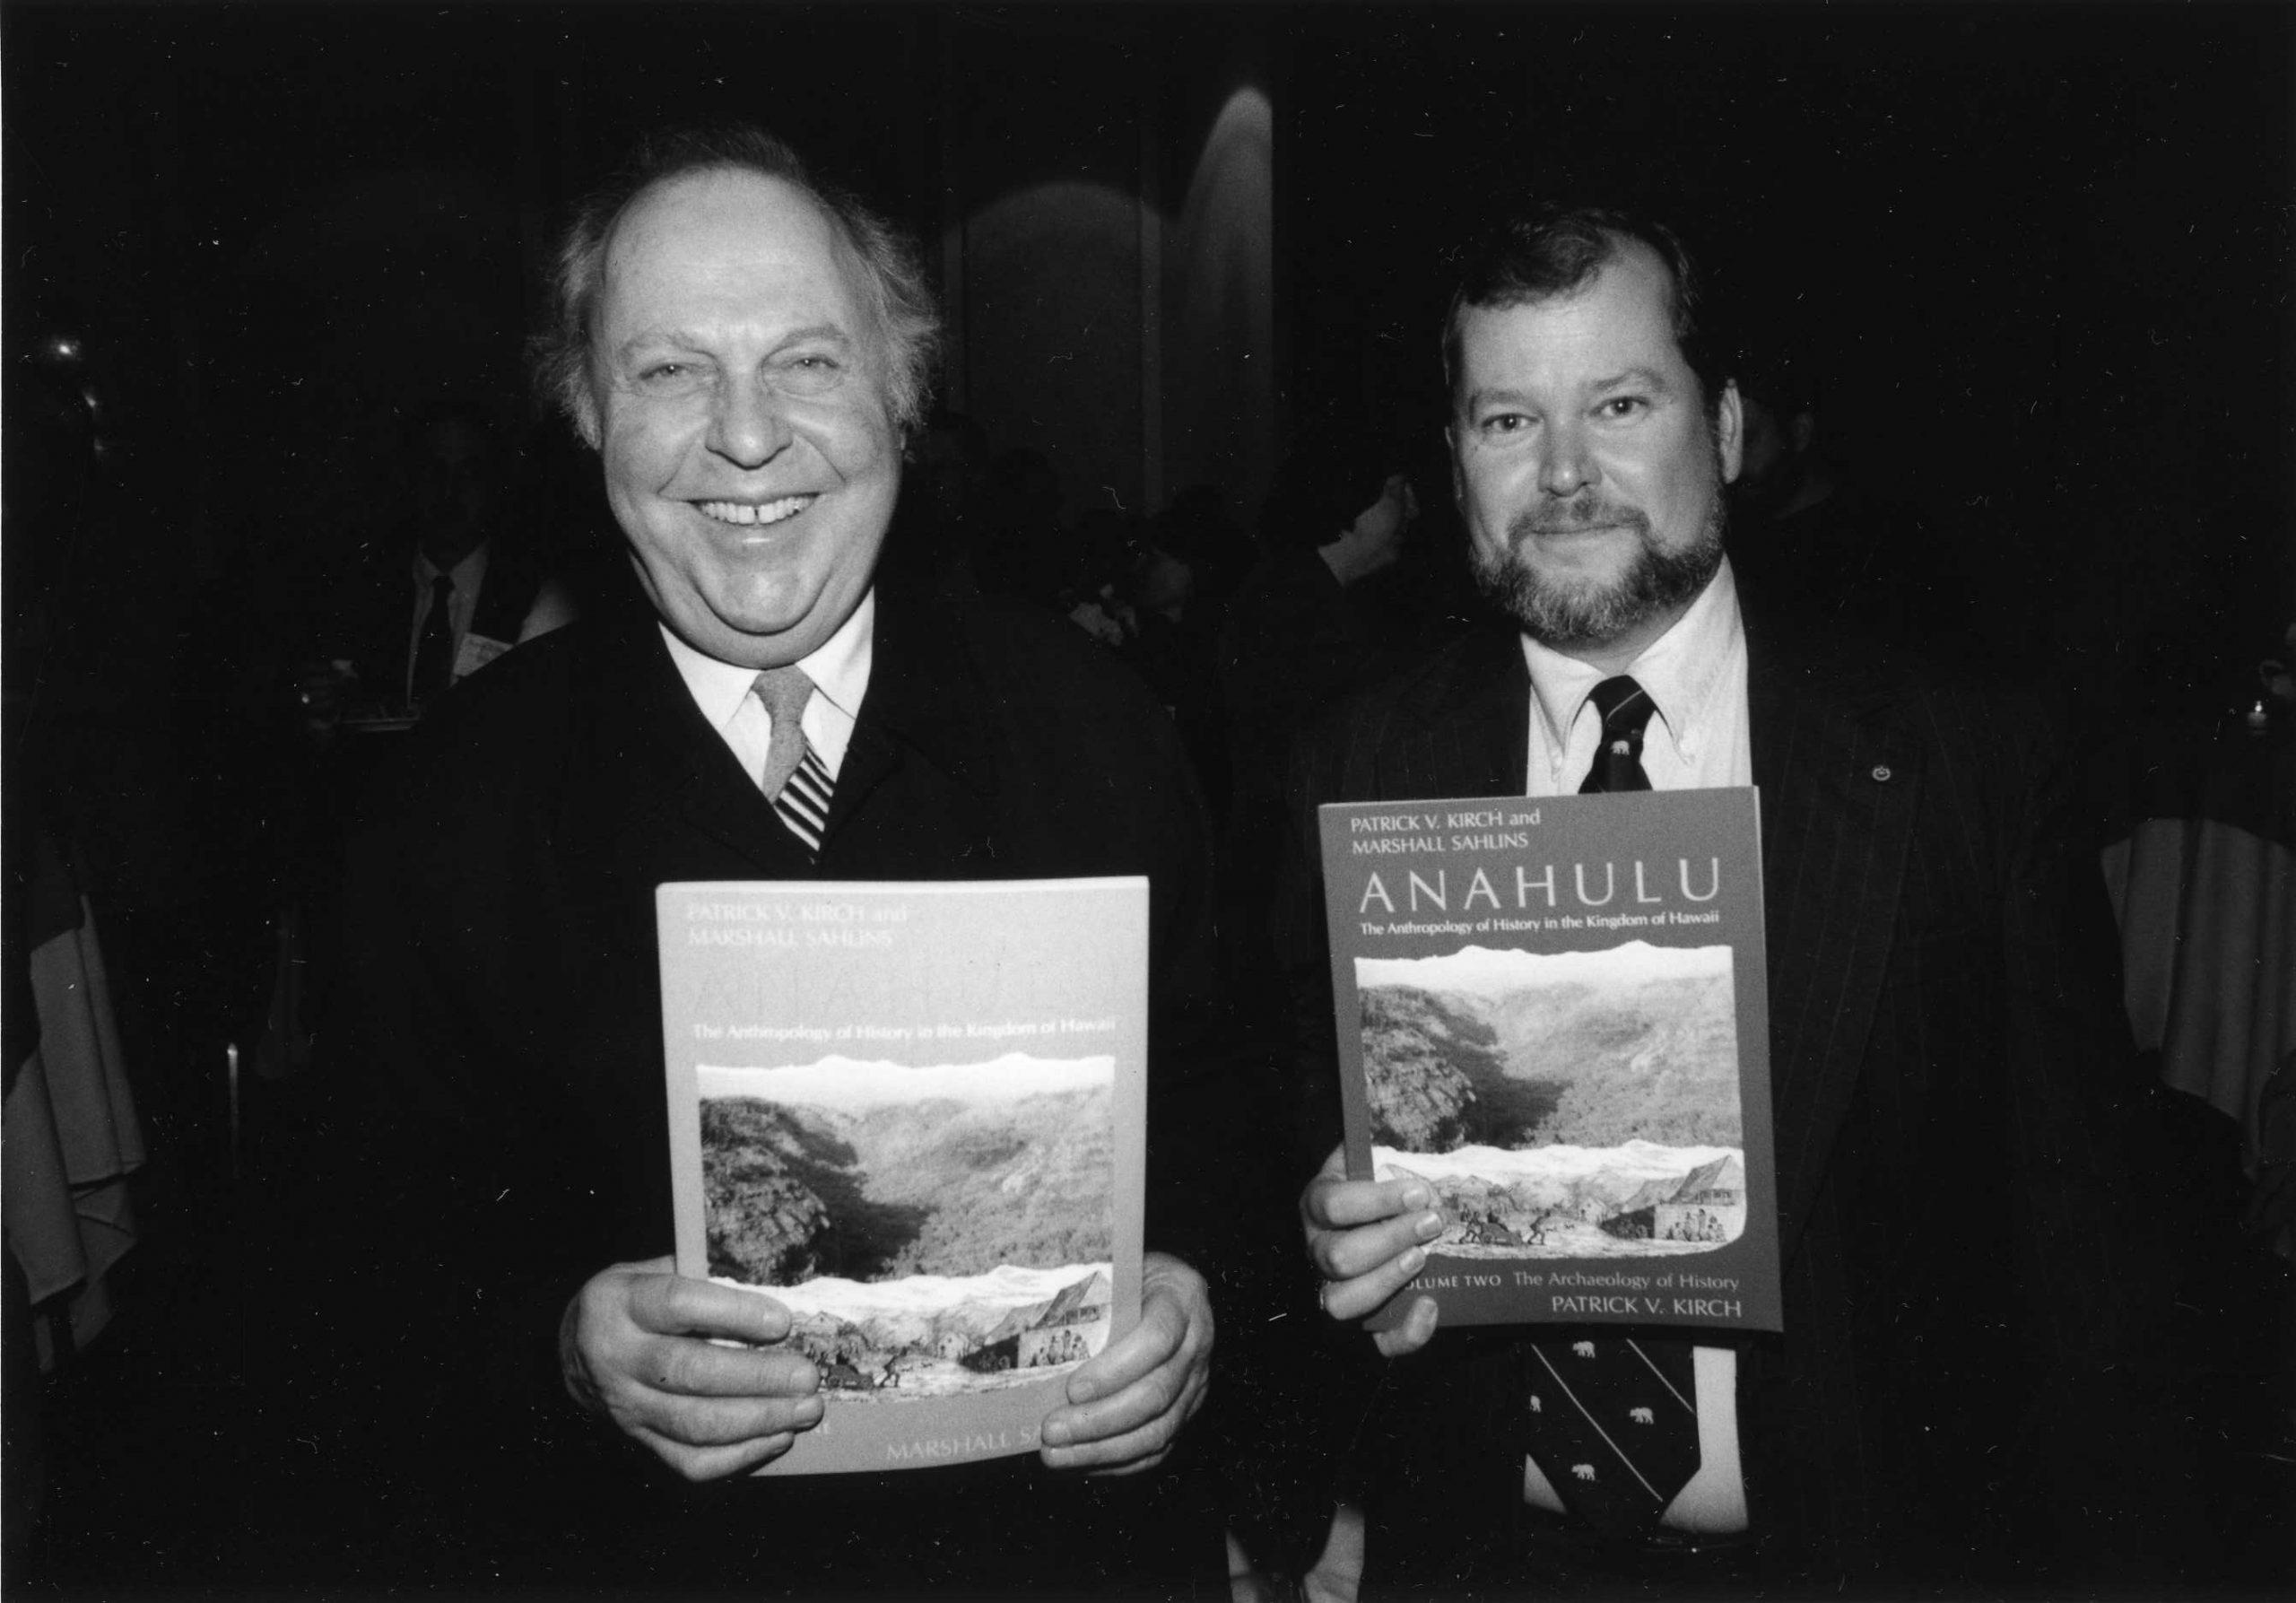 SAR Remembers Marshall David Sahlins